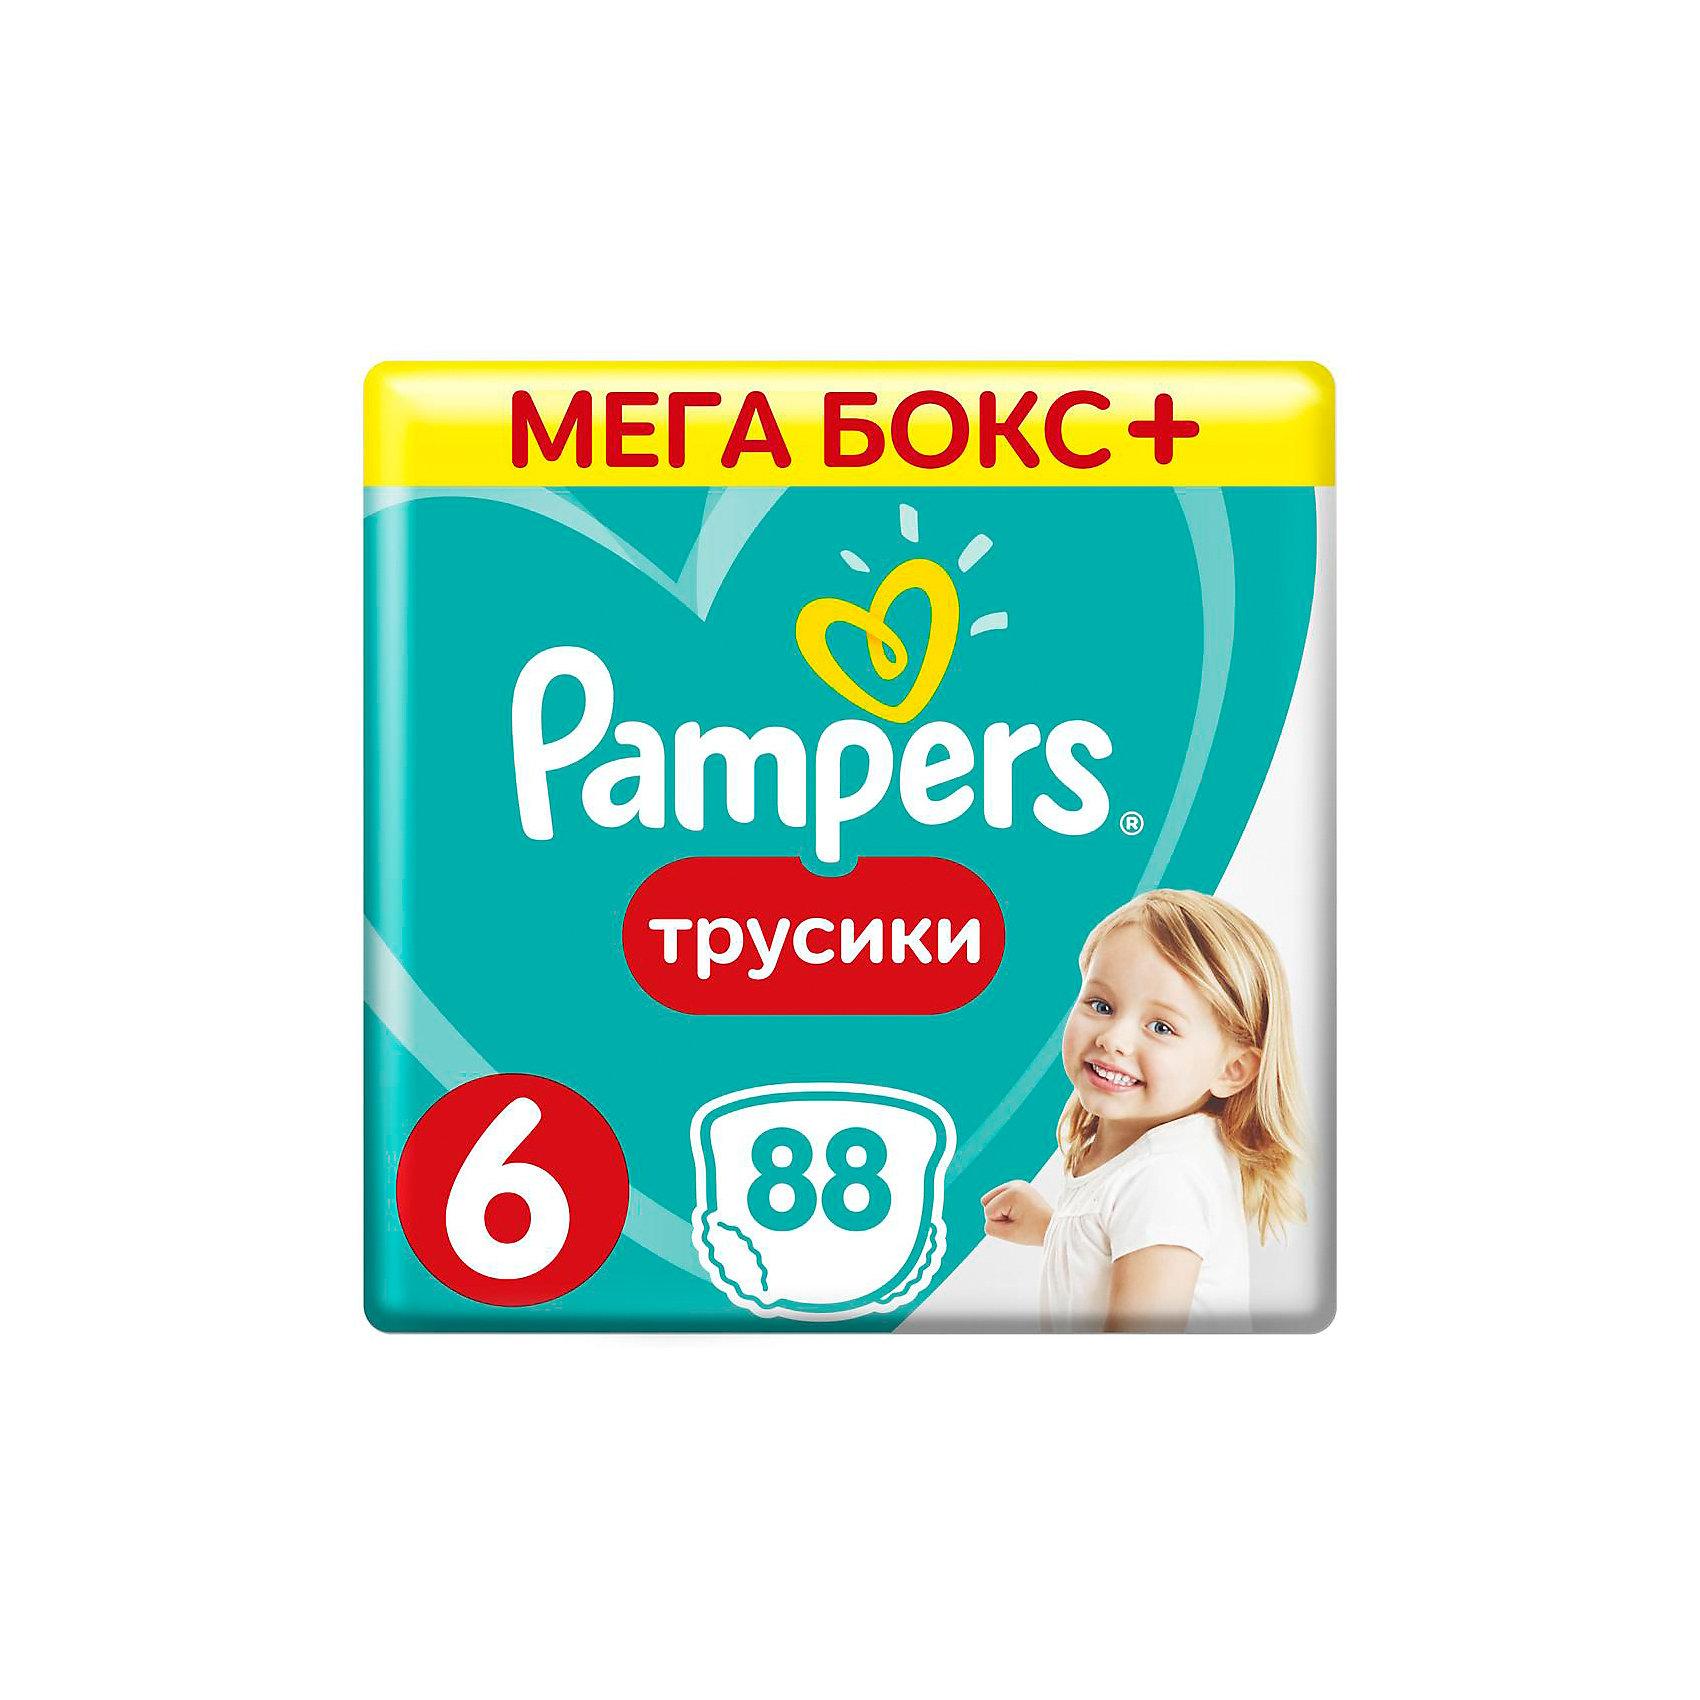 Трусики Pampers Pants, 16кг+, размер 6, 88 шт., PampersПодгузники более 12 кг.<br>Характеристики:<br><br>• Вид подгузника: трусики<br>• Пол: универсальный<br>• Тип подгузника: одноразовый<br>• Коллекция: Active Baby<br>• Предназначение: для ночного сна <br>• Размер: 6<br>• Вес ребенка: 16+ кг<br>• Количество в упаковке: 88 шт.<br>• Упаковка: картонная коробка<br>• Размер упаковки: 49,7*23,1*26,7 см<br>• Вес в упаковке: 4 кг 598 г<br>• Наружные боковые швы<br>• До 12 часов сухости<br>• Эластичные резинки <br>• Дышащие материалы<br>• Повышенные впитывающие свойства<br><br>Трусики Pampers Pants, 16+ кг, размер 6, 88 шт., Pampers – это новейшая линейка детских подгузников от Pampers, которая сочетает в себе высокое качество и безопасность материалов, удобство использования и комфорт для нежной кожи малыша. Подгузники выполнены в виде трусиков и предназначены для детей весом до 11 кг. Инновационные технологии и современные материалы обеспечивают этим подгузникам Дышащие свойства, что особенно важно для кожи малыша. Повышенные впитывающие качества изделию обеспечивают специальные микрогранулы, сохраняя верхний слой сухим до 12 часов, именно поэтому эту линейку трусиков производитель рекомендует использовать для ночного сна. <br><br>У трусиков предусмотрена эластичная мягкая резиночка на спинке и манжеты на ножках, что защищает от протекания. Боковые наружные швы не натирают нежную кожу малыша, легко разрываются при смене трусиков. Сзади имеется клейкая лента, которая позволяет зафиксировать свернутые после использования трусики. Трусики подходит как для мальчиков, так и для девочек. <br><br>Трусики Pampers Pants, 16+ кг, размер 6, 88 шт., Pampers можно купить в нашем интернет-магазине.<br><br>Ширина мм: 497<br>Глубина мм: 231<br>Высота мм: 267<br>Вес г: 4598<br>Возраст от месяцев: 12<br>Возраст до месяцев: 36<br>Пол: Унисекс<br>Возраст: Детский<br>SKU: 5419053